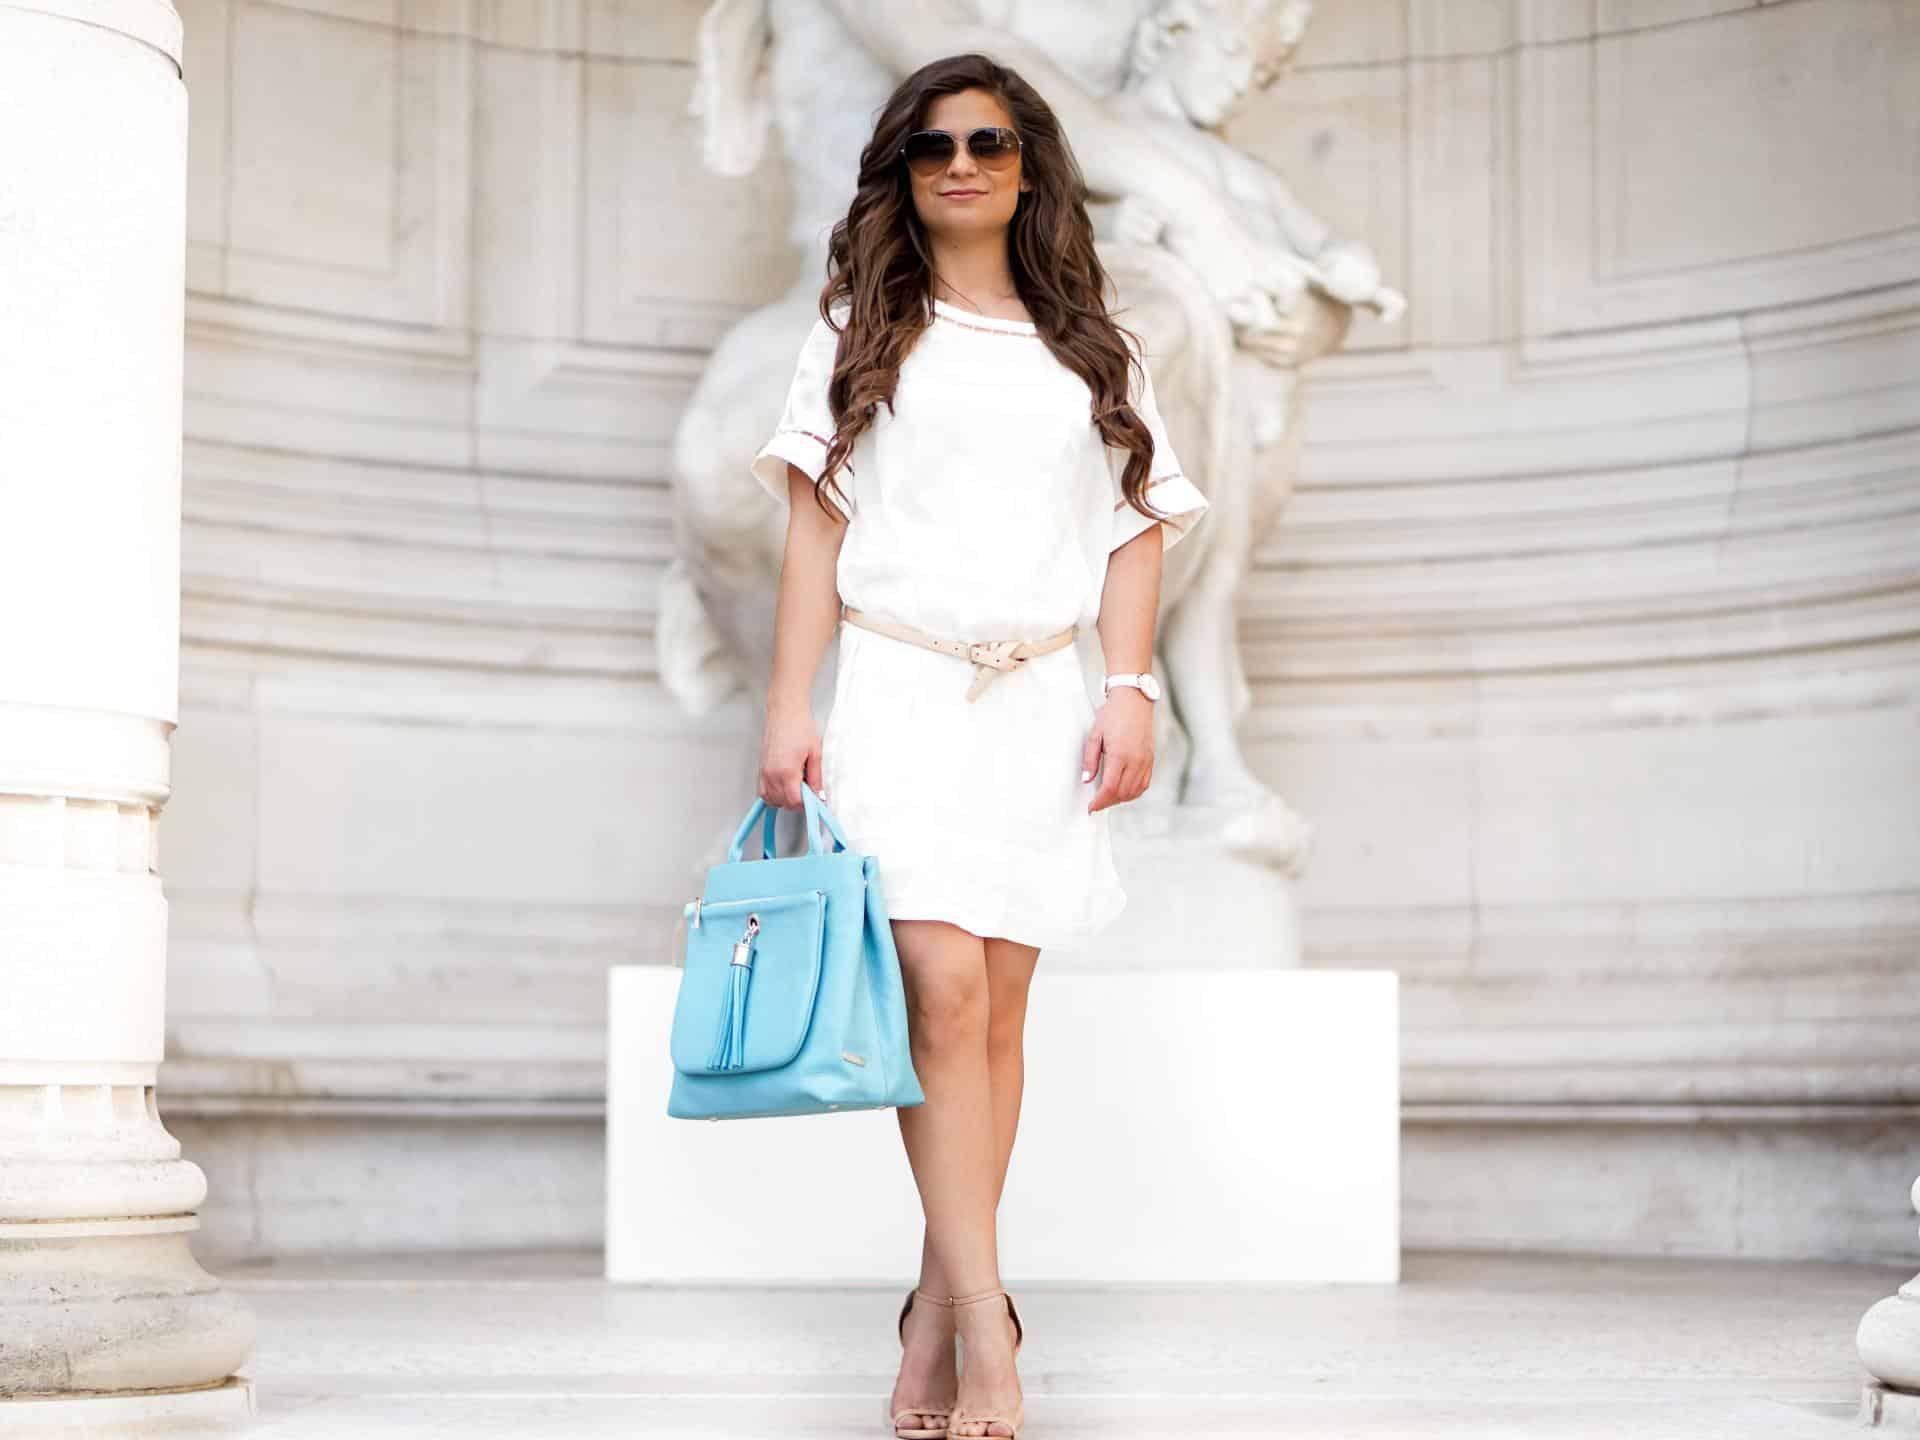 vva blue handbag